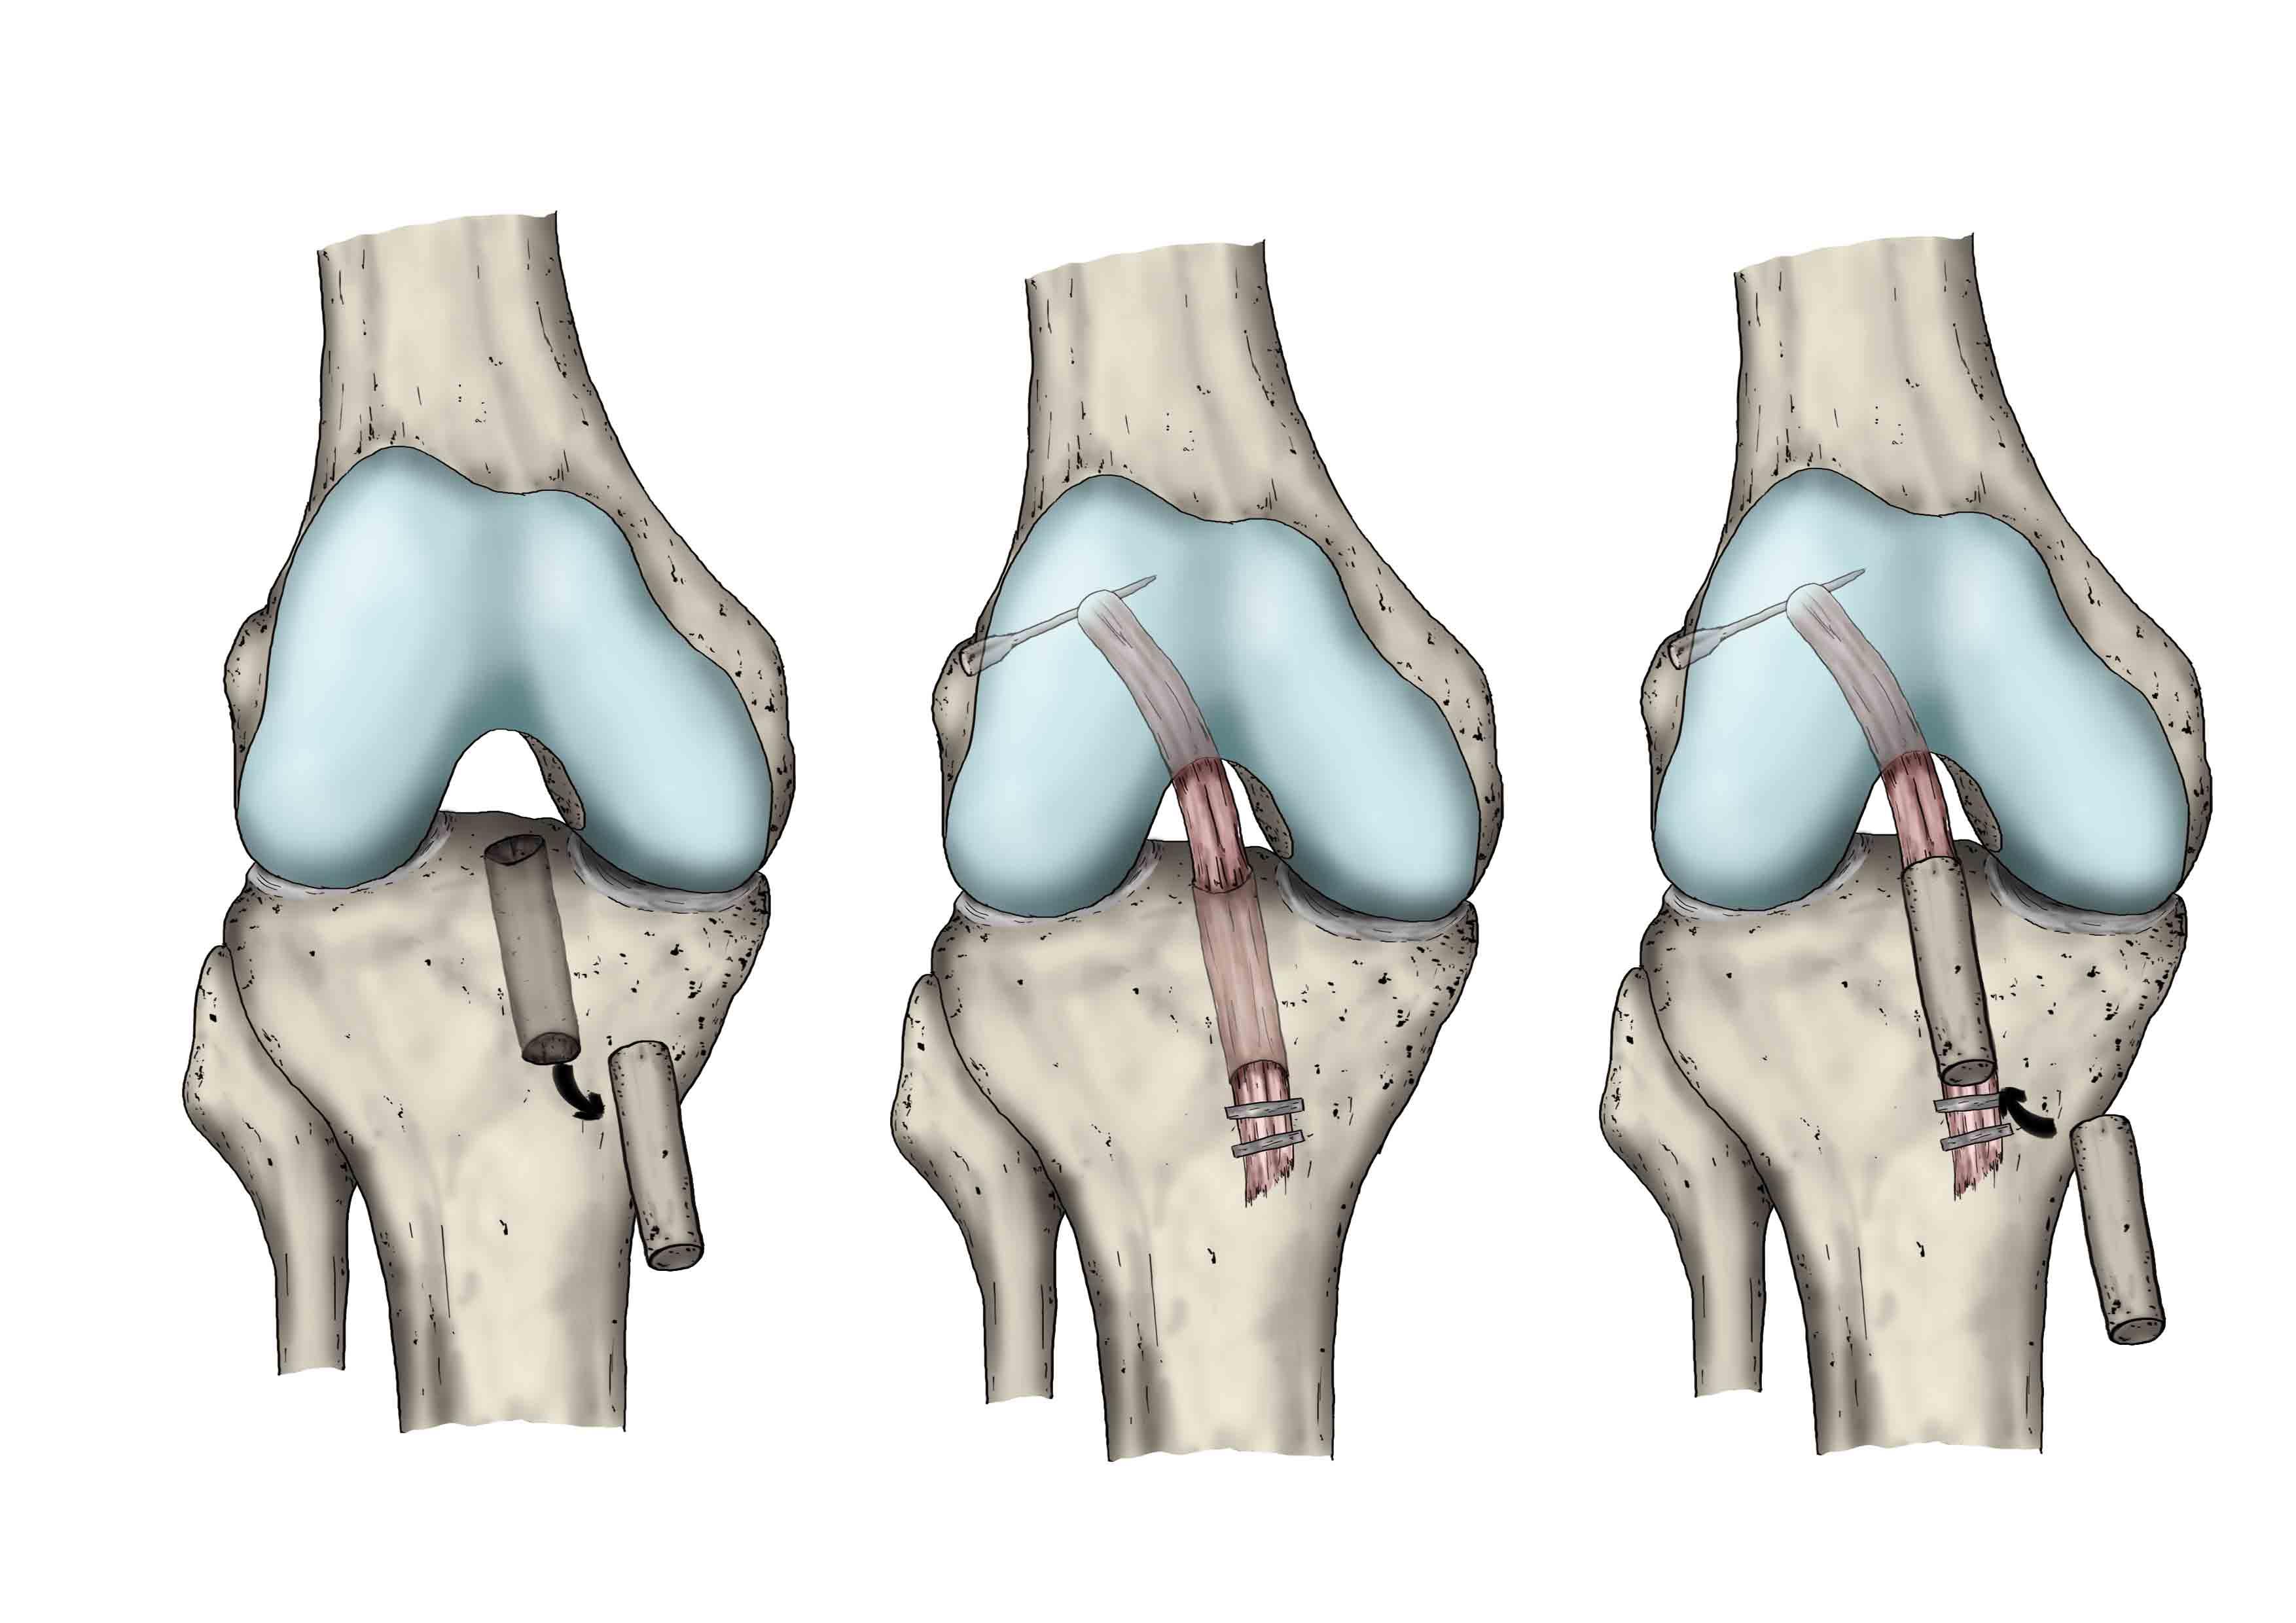 Rodilla | Patologías | Unidad de Cirugía Artroscópica